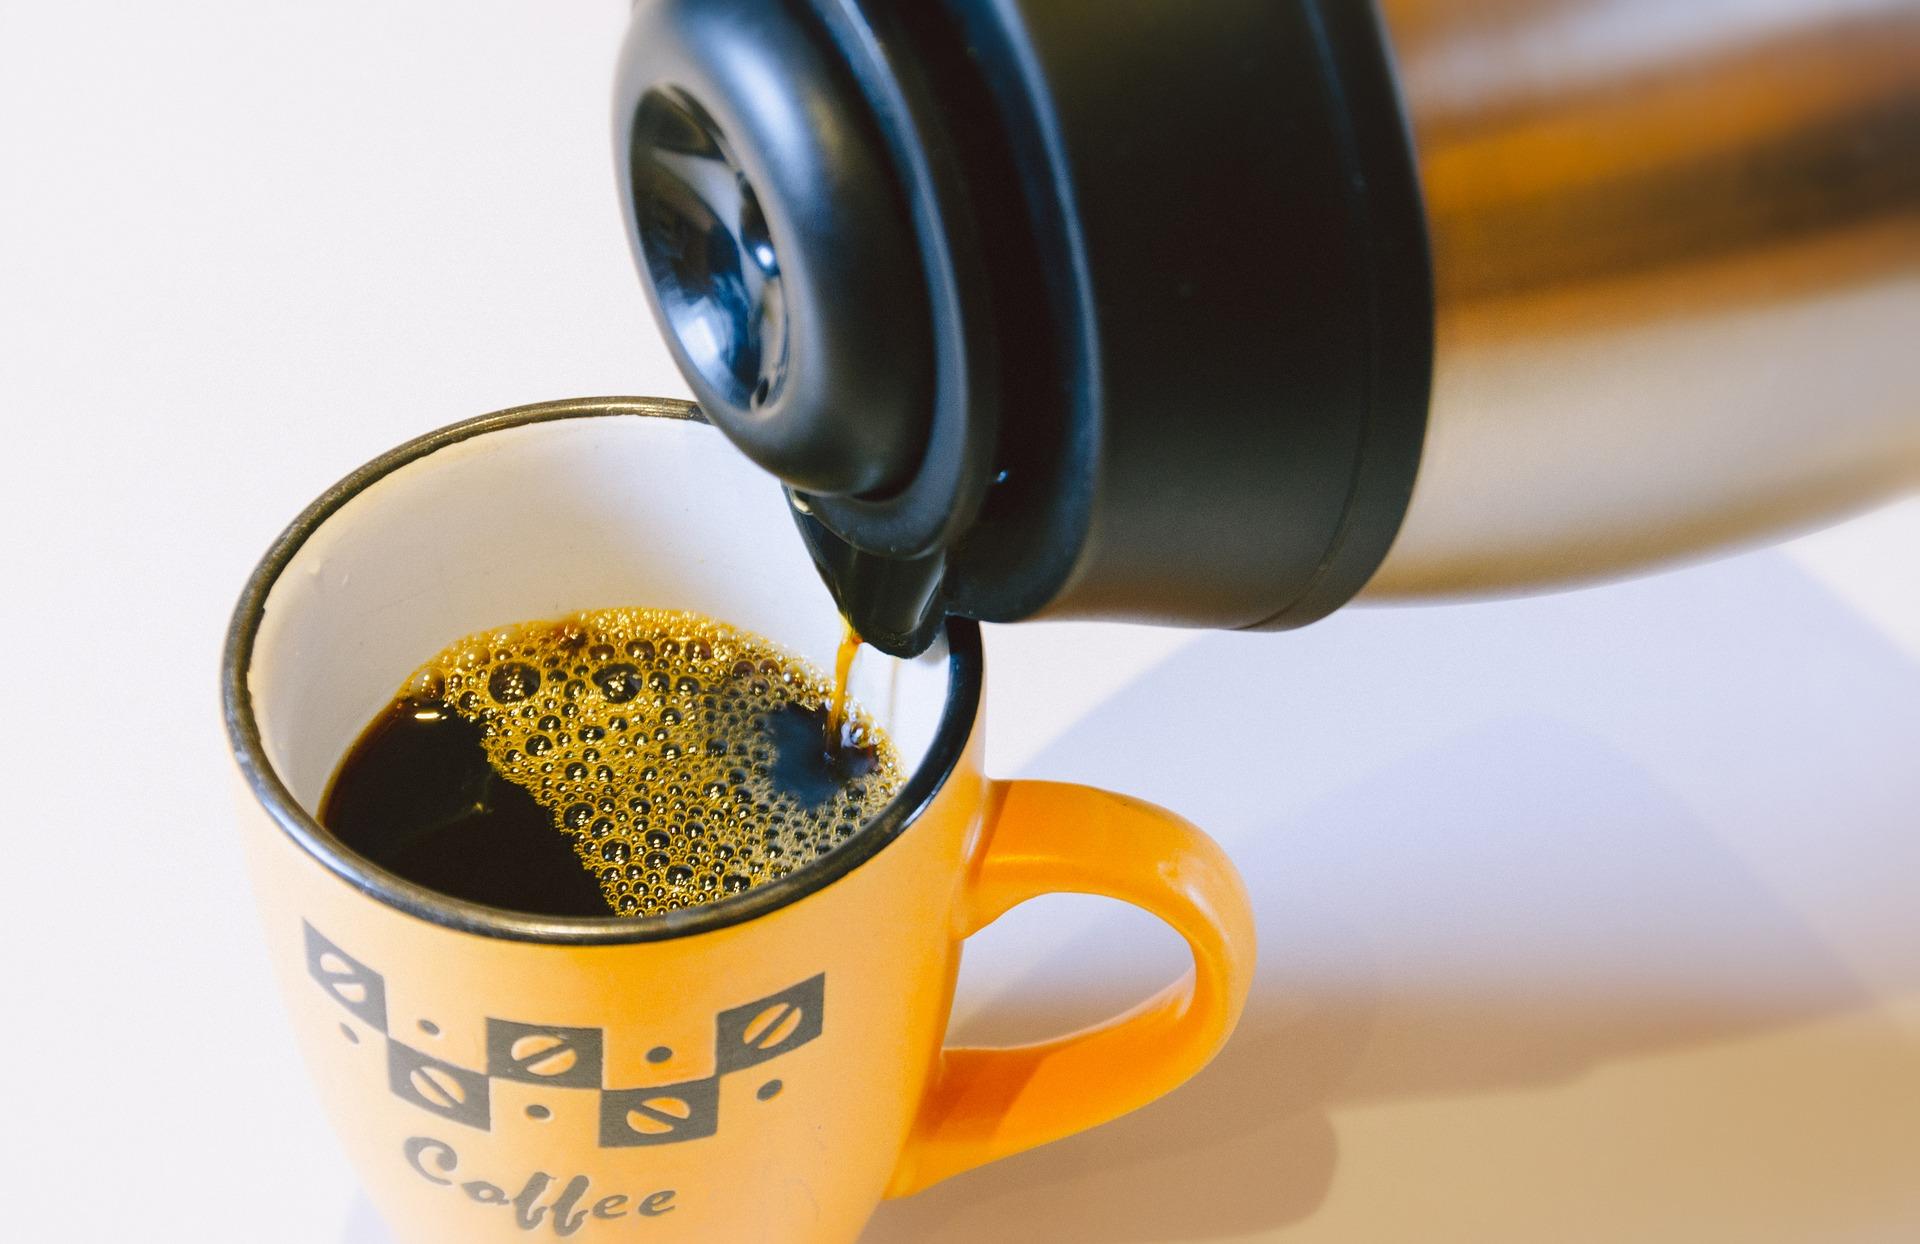 Един термос би зарадвал всеки, който не може да започне деня си без кафе и той ще побере количество, достатъчно за деня.